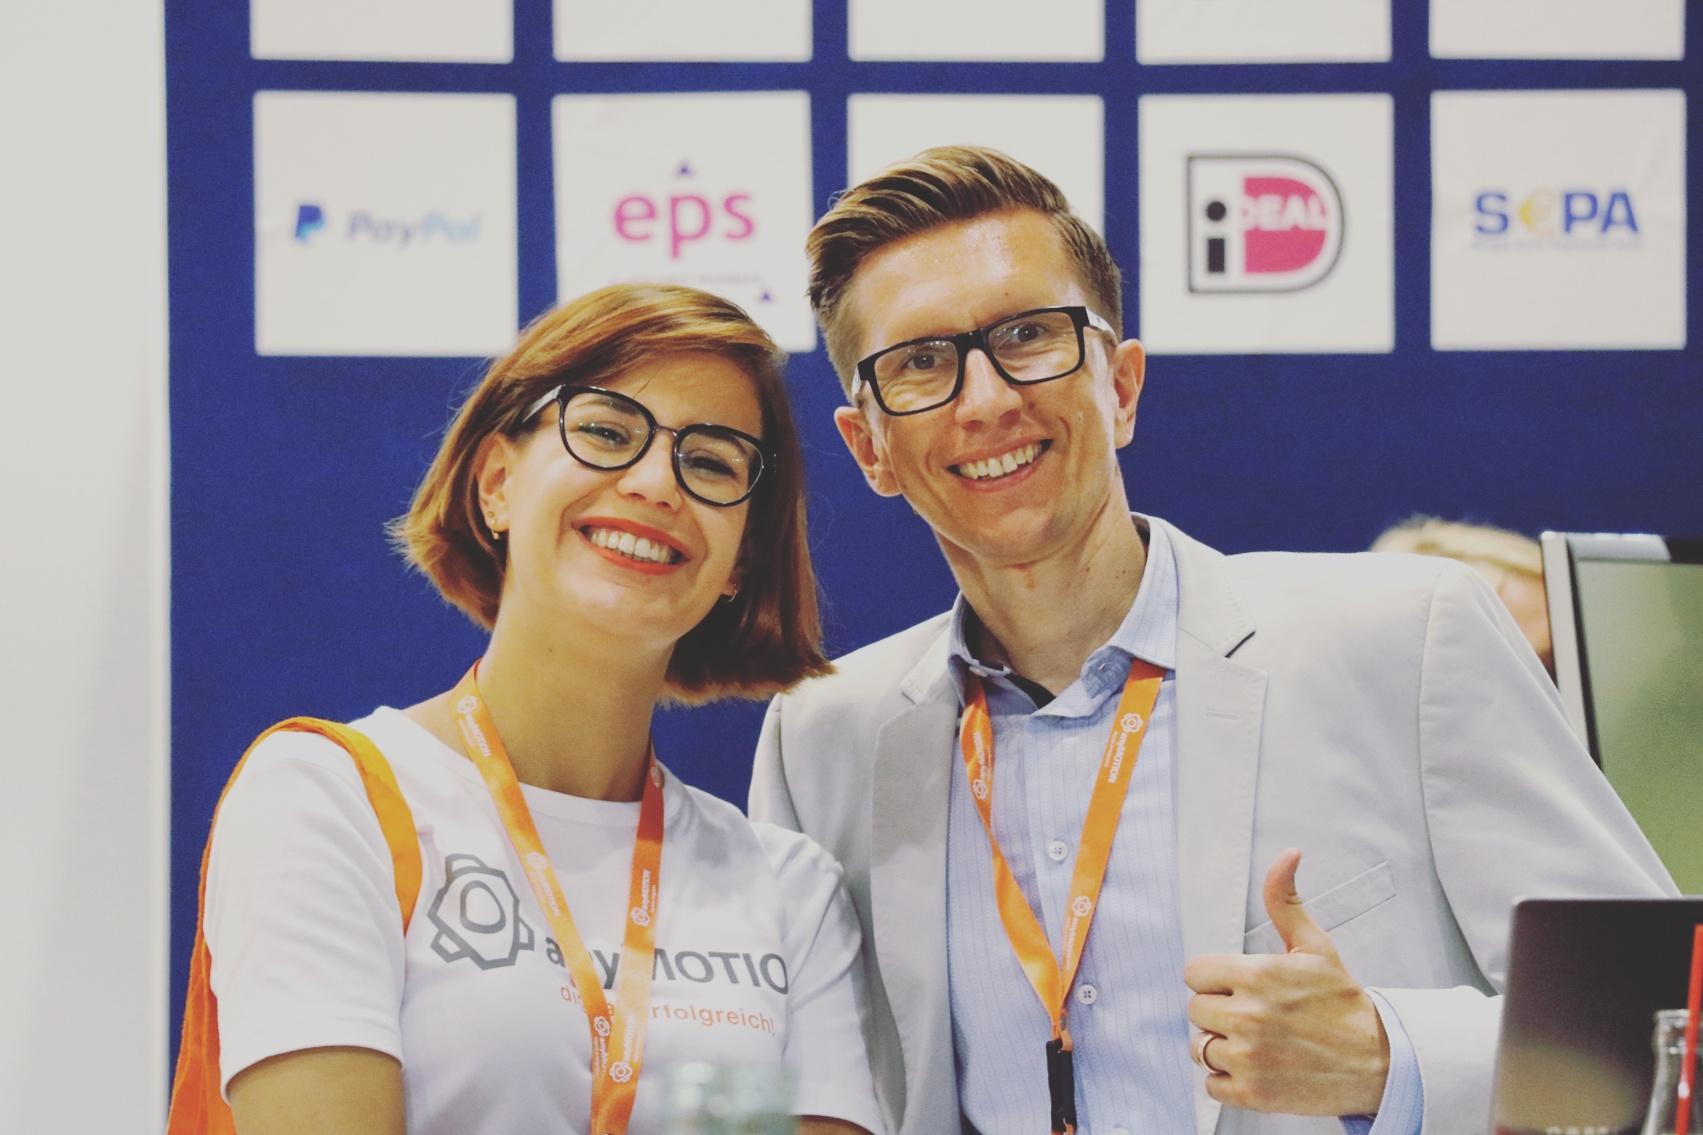 Daumen hoch für digitale Kommunikation. Auszubildende Pia Kops und Business Development Director Mathias Kossmann